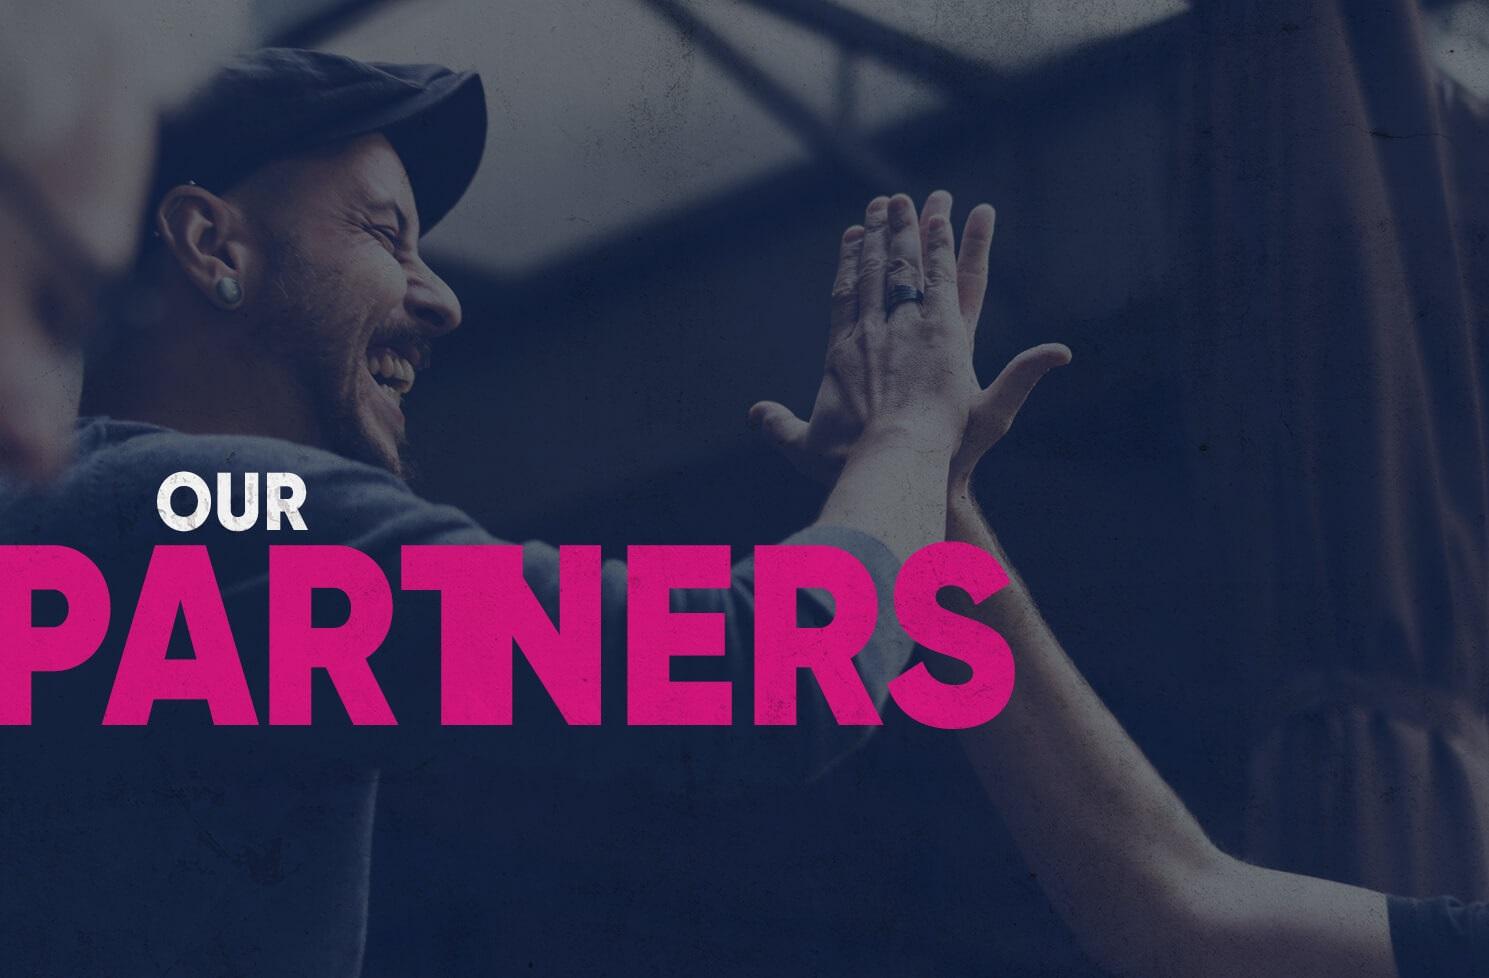 utilita-arena-partners.jpg